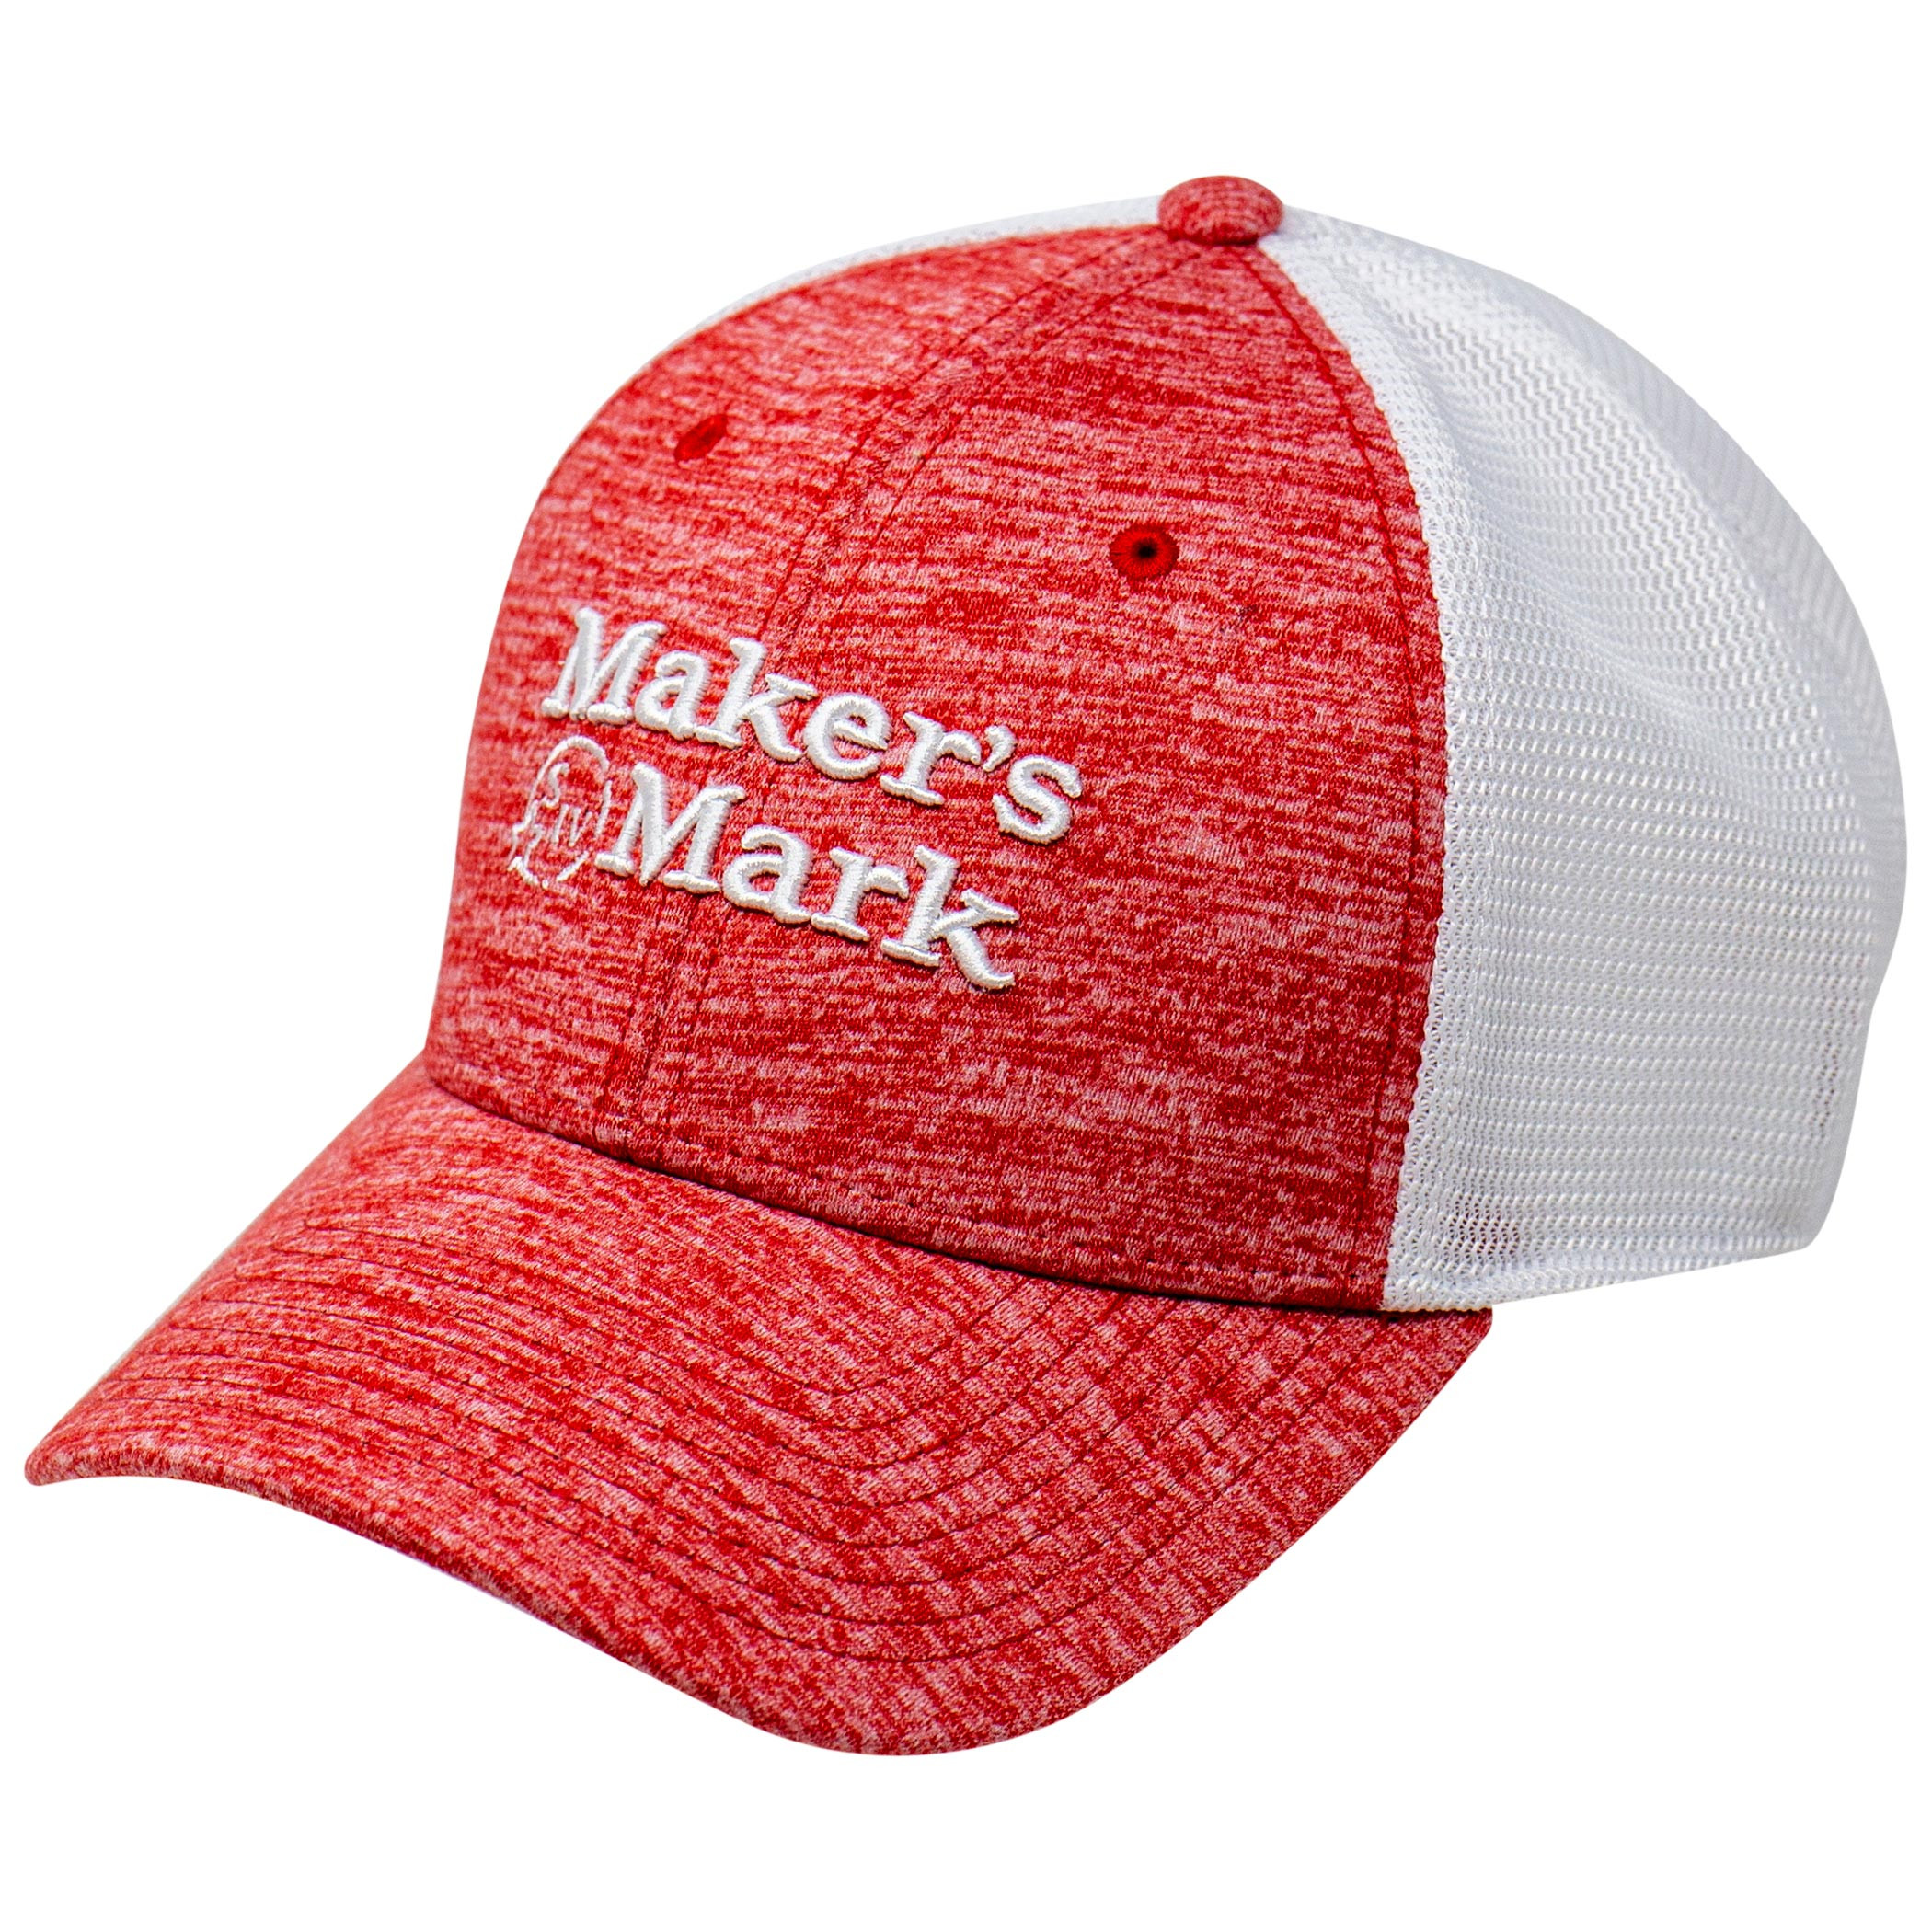 Maker's Mark Mesh Back Trucker Hat